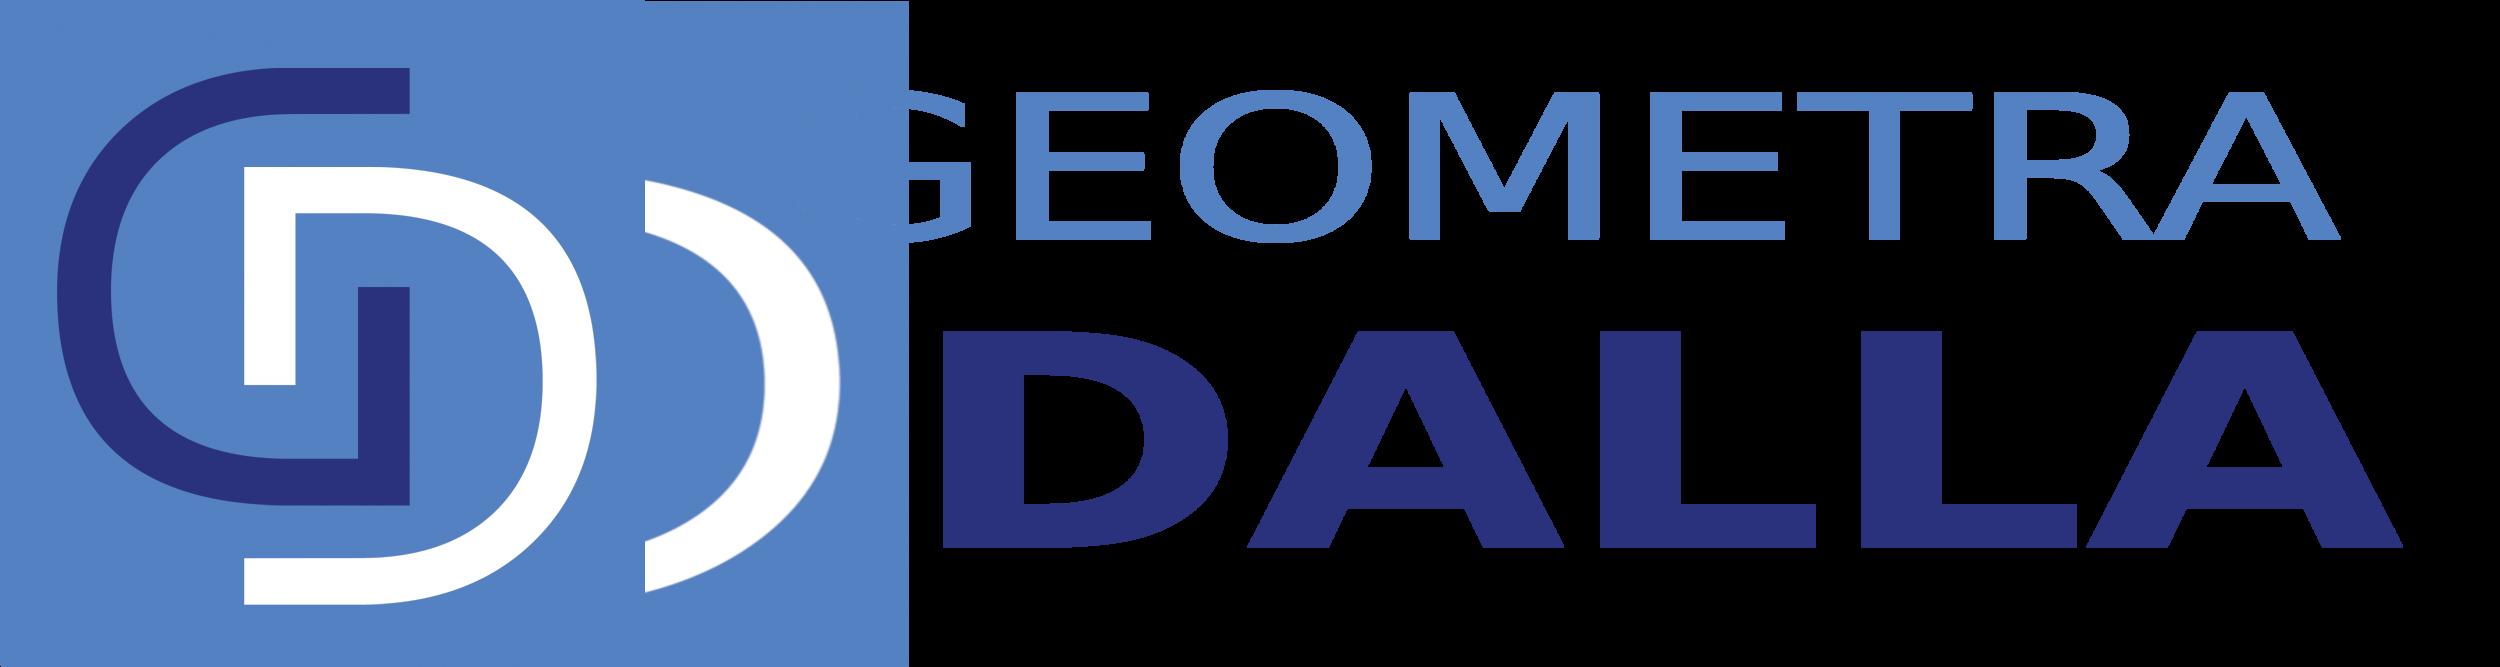 Geometra Dalla - Geometra a Bologna e Certificazioni Energetiche a Bologna